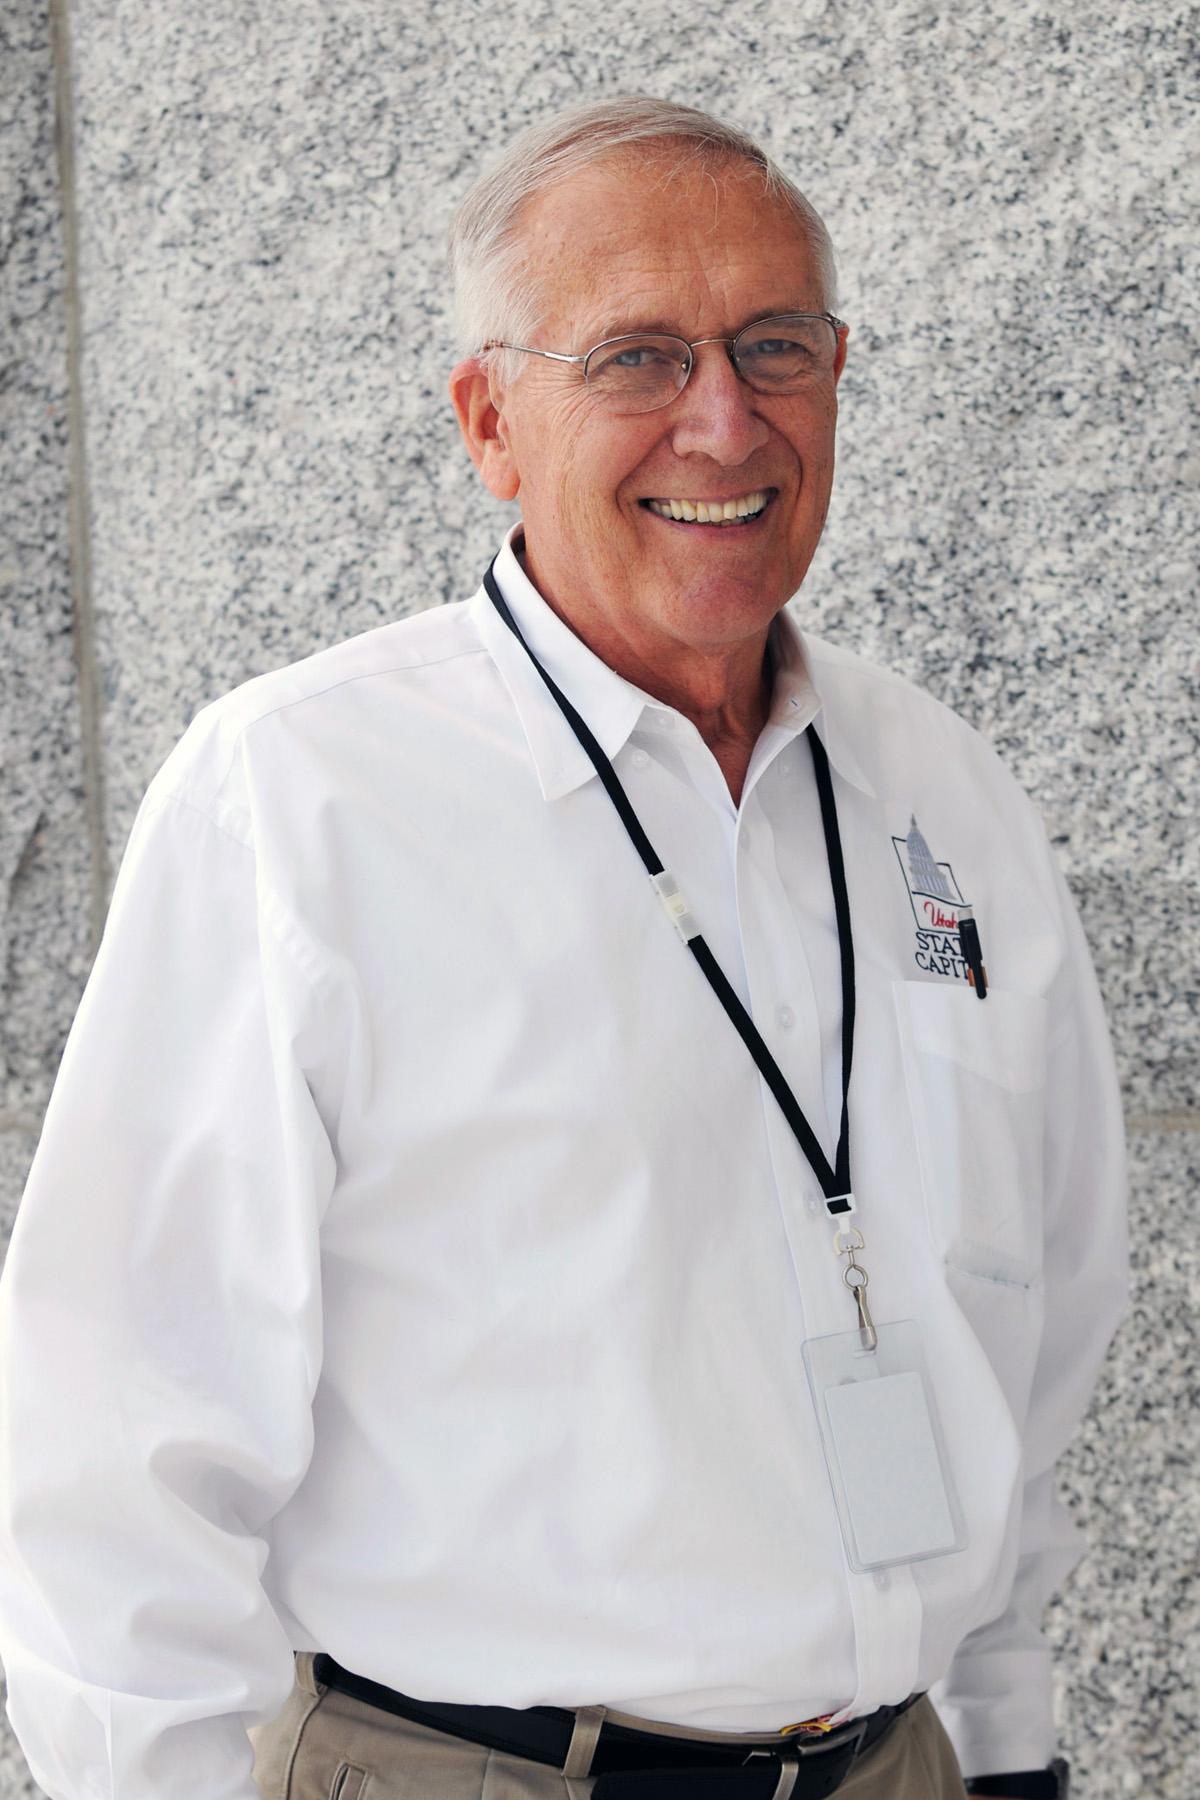 Blaine Rasmussen